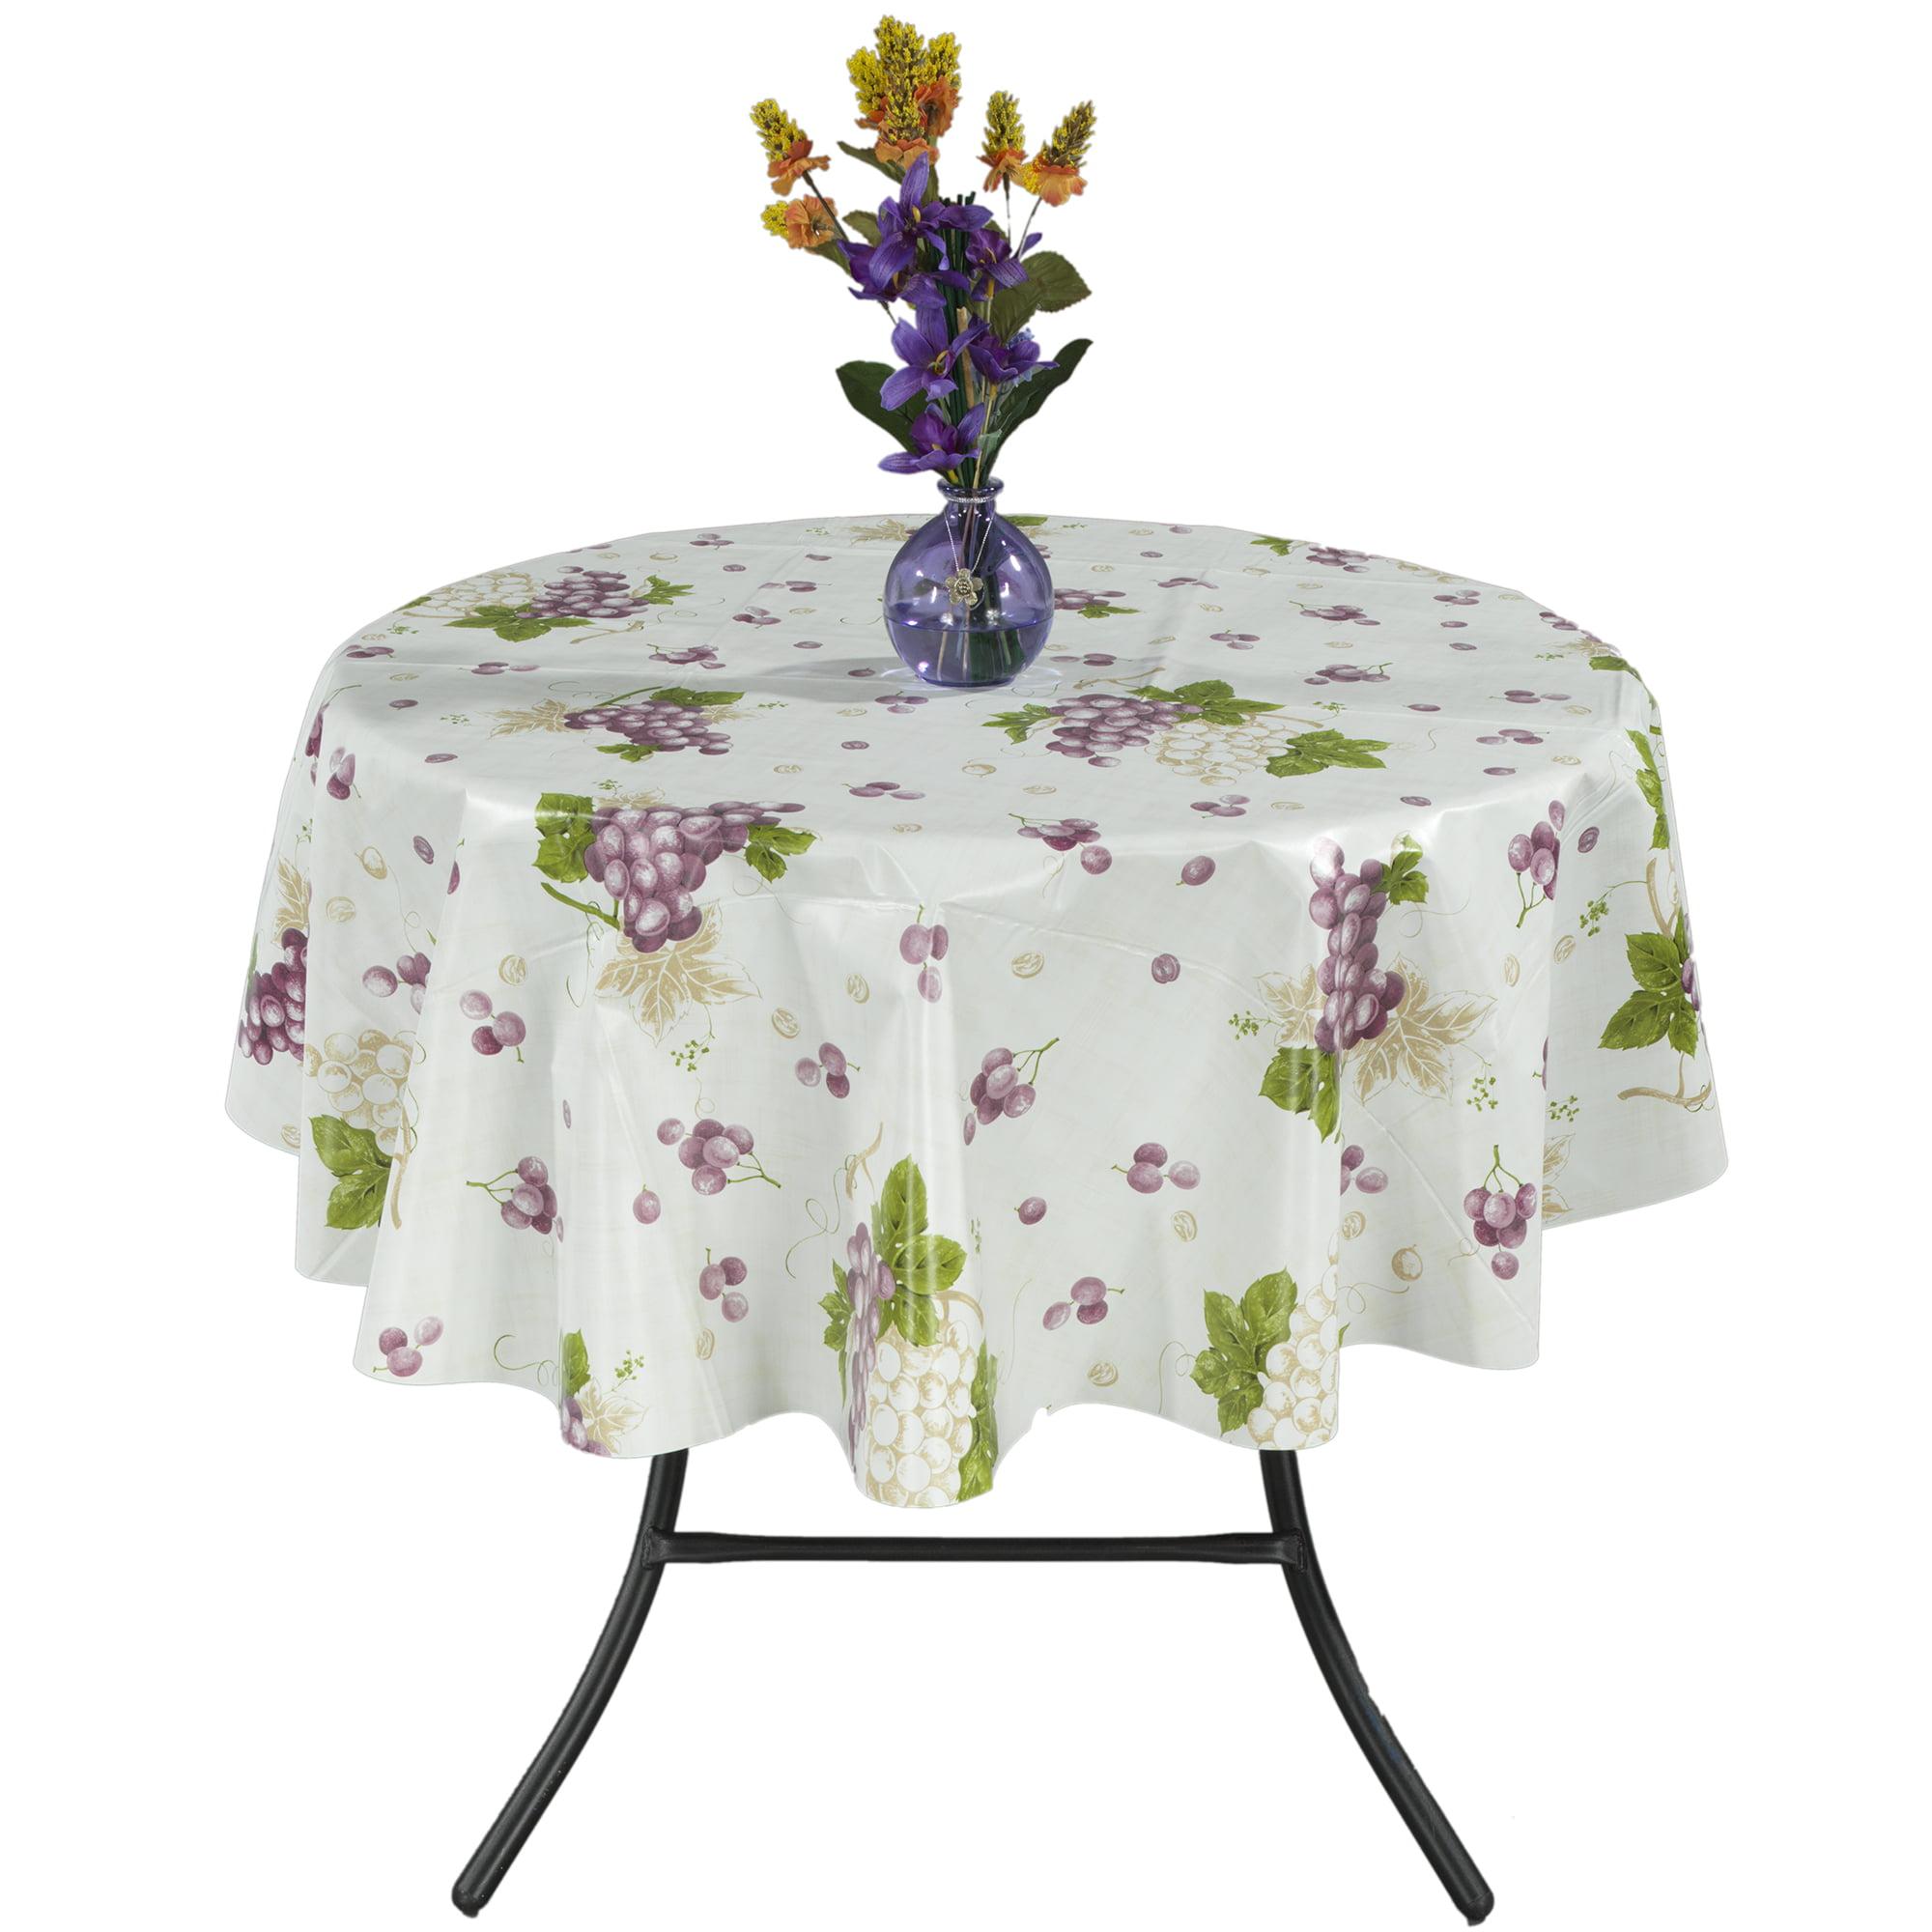 Ottomanson Vinyl Grape Vine Design Indoor & Outdoor Tablecloth with Non-Woven Backing